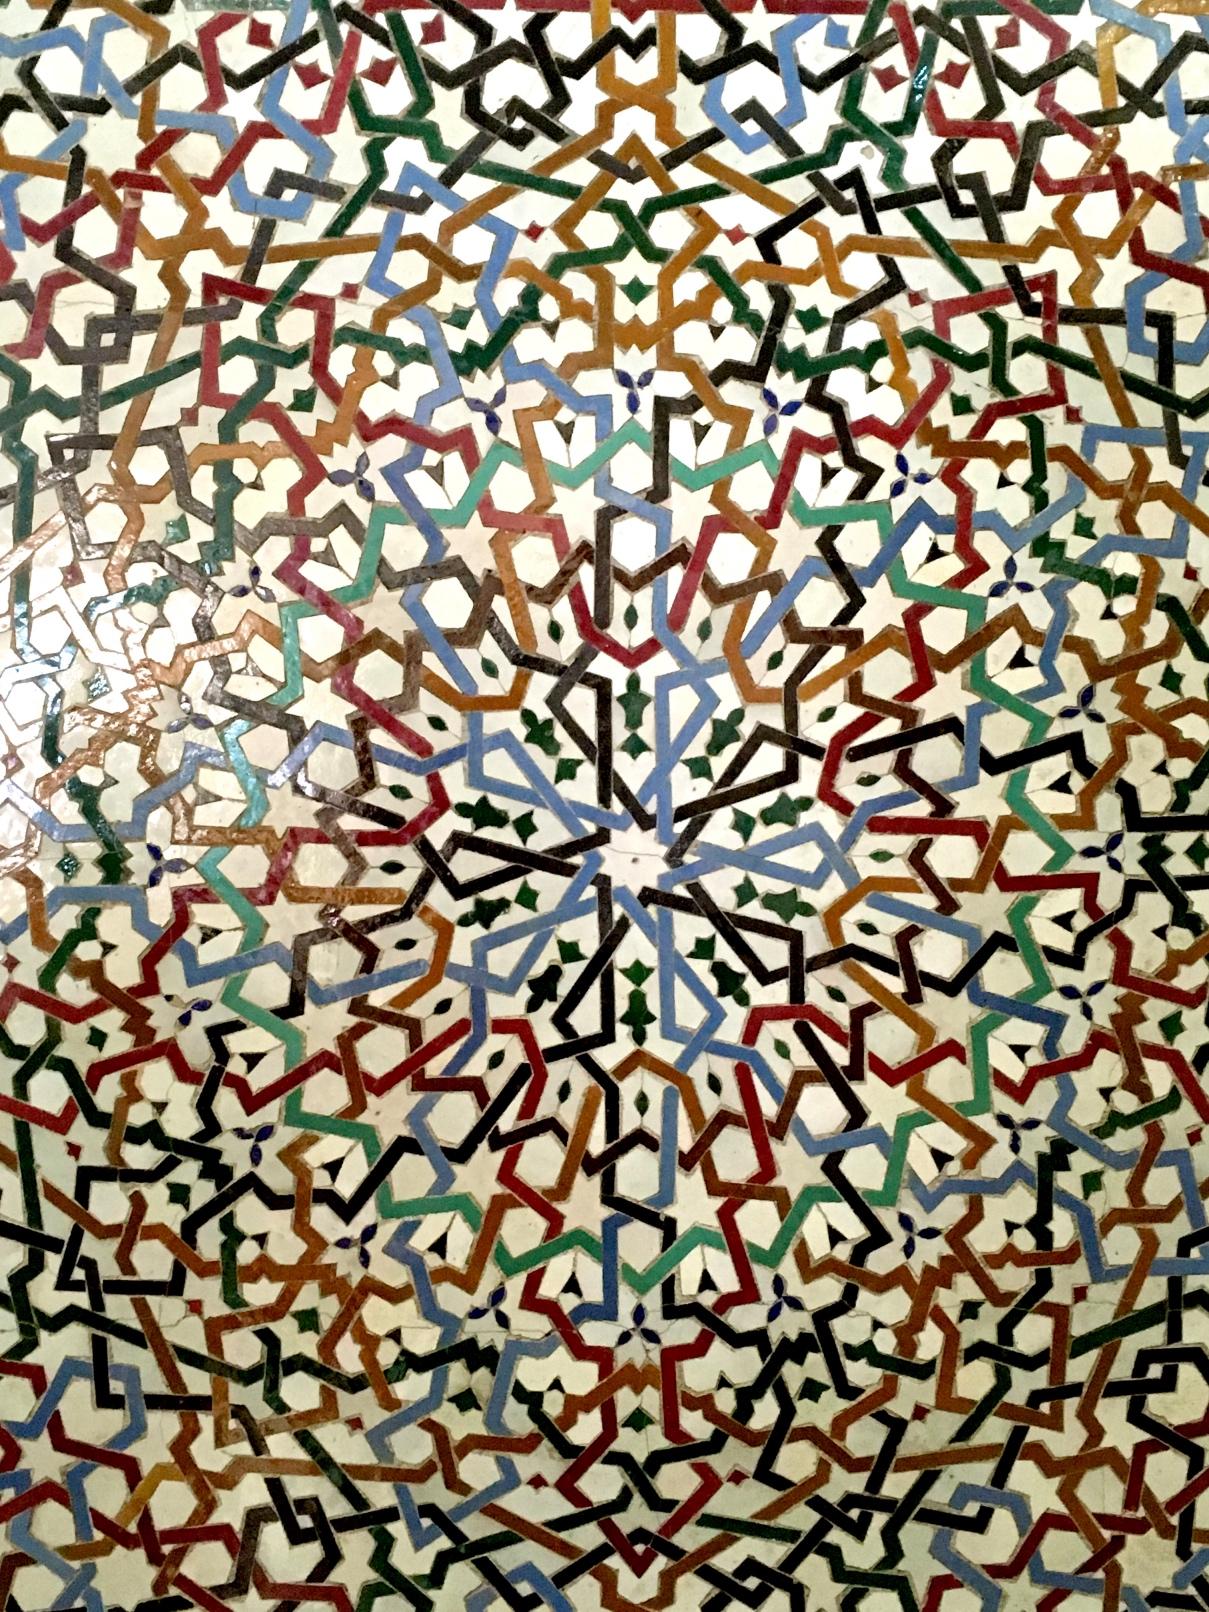 MoroccoTiles7.jpg